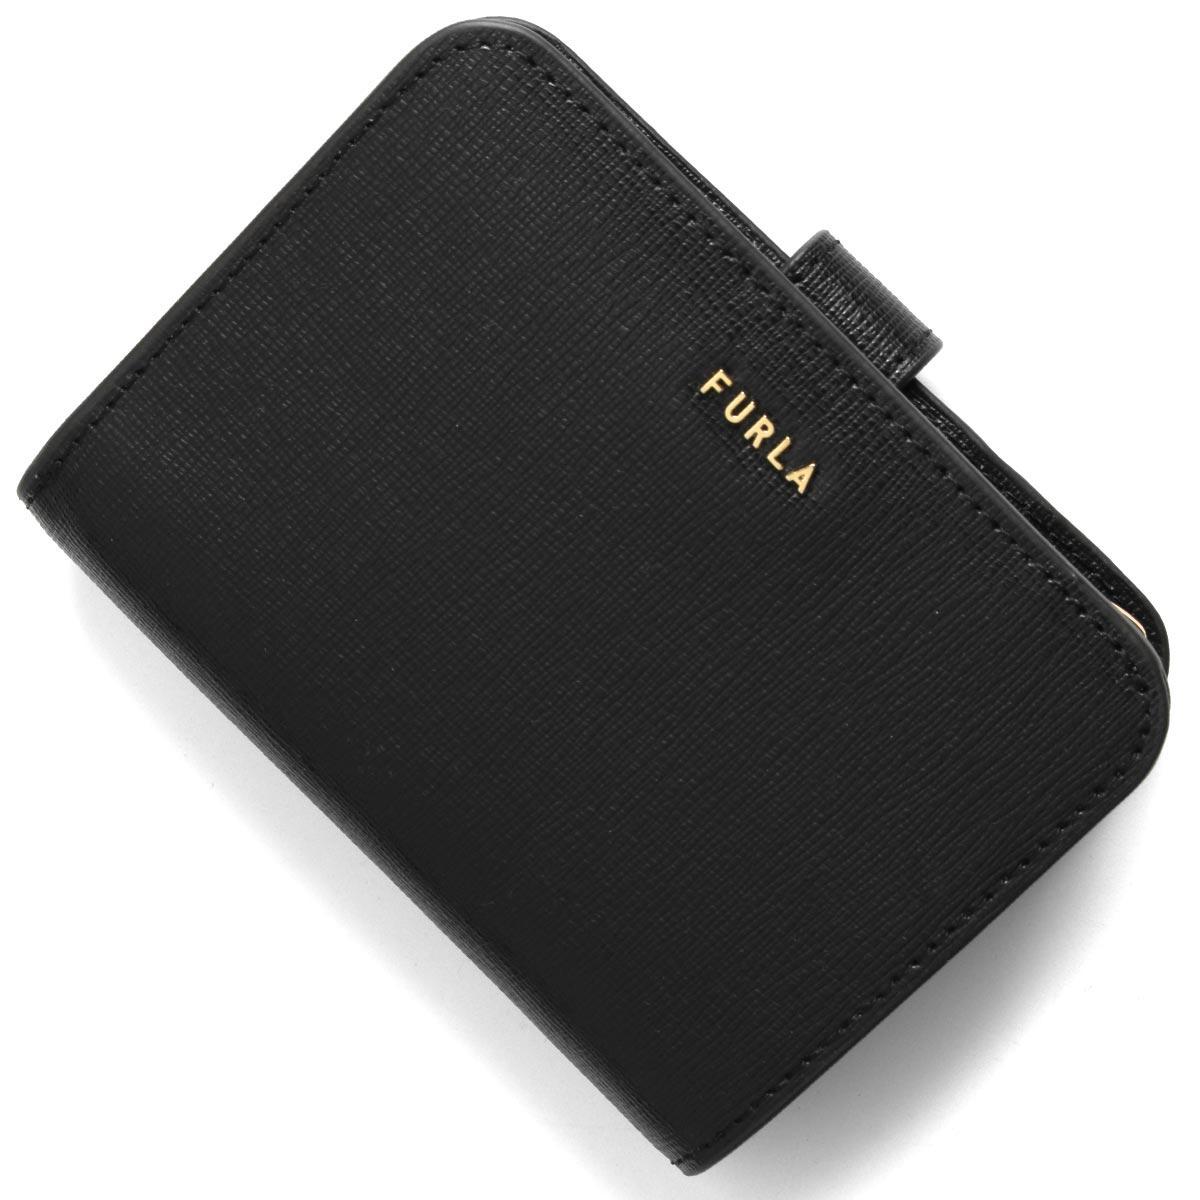 フルラ 二つ折り財布 財布 レディース バビロン スモール ブラック PCY0 B30 O60 1057122 FURLA